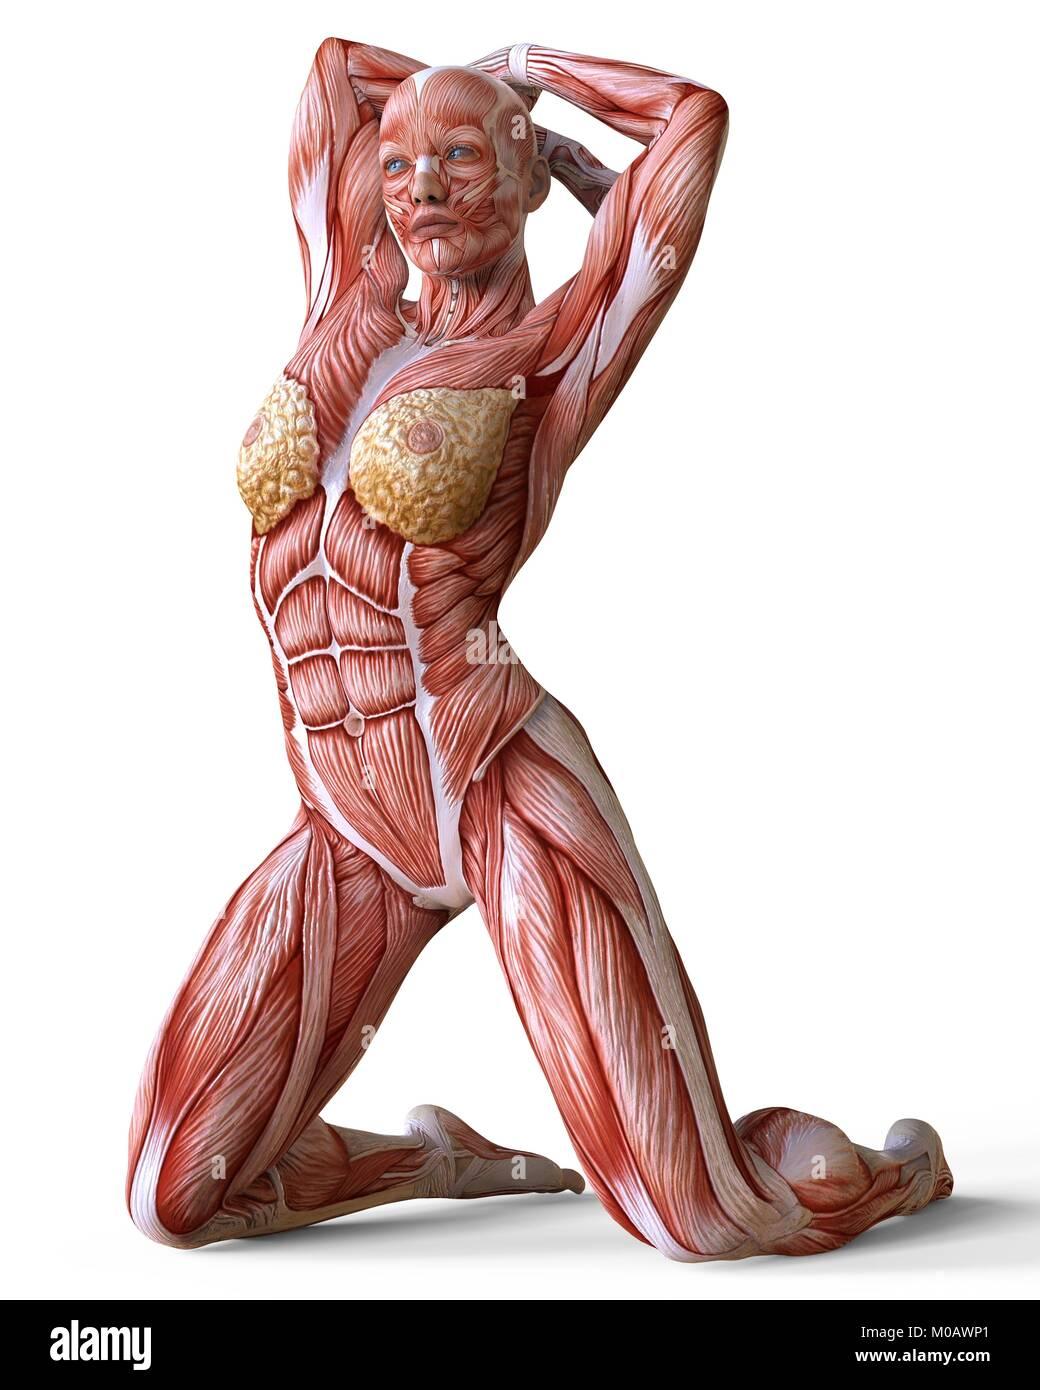 Weibliche Körper ohne Haut, Anatomie und Muskeln isoliert auf weißem ...